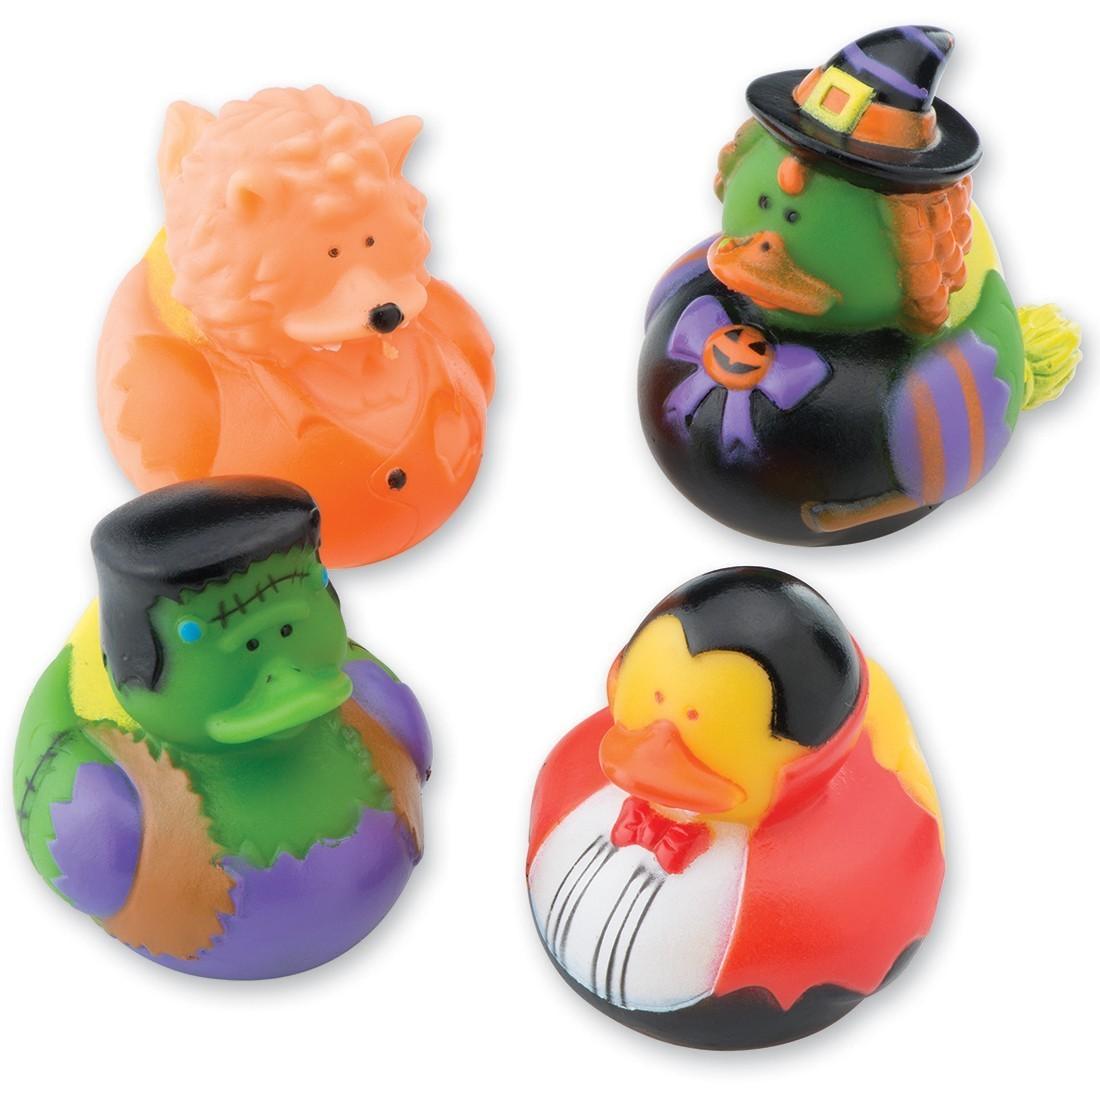 Halloween Creature Rubber Ducks [image]